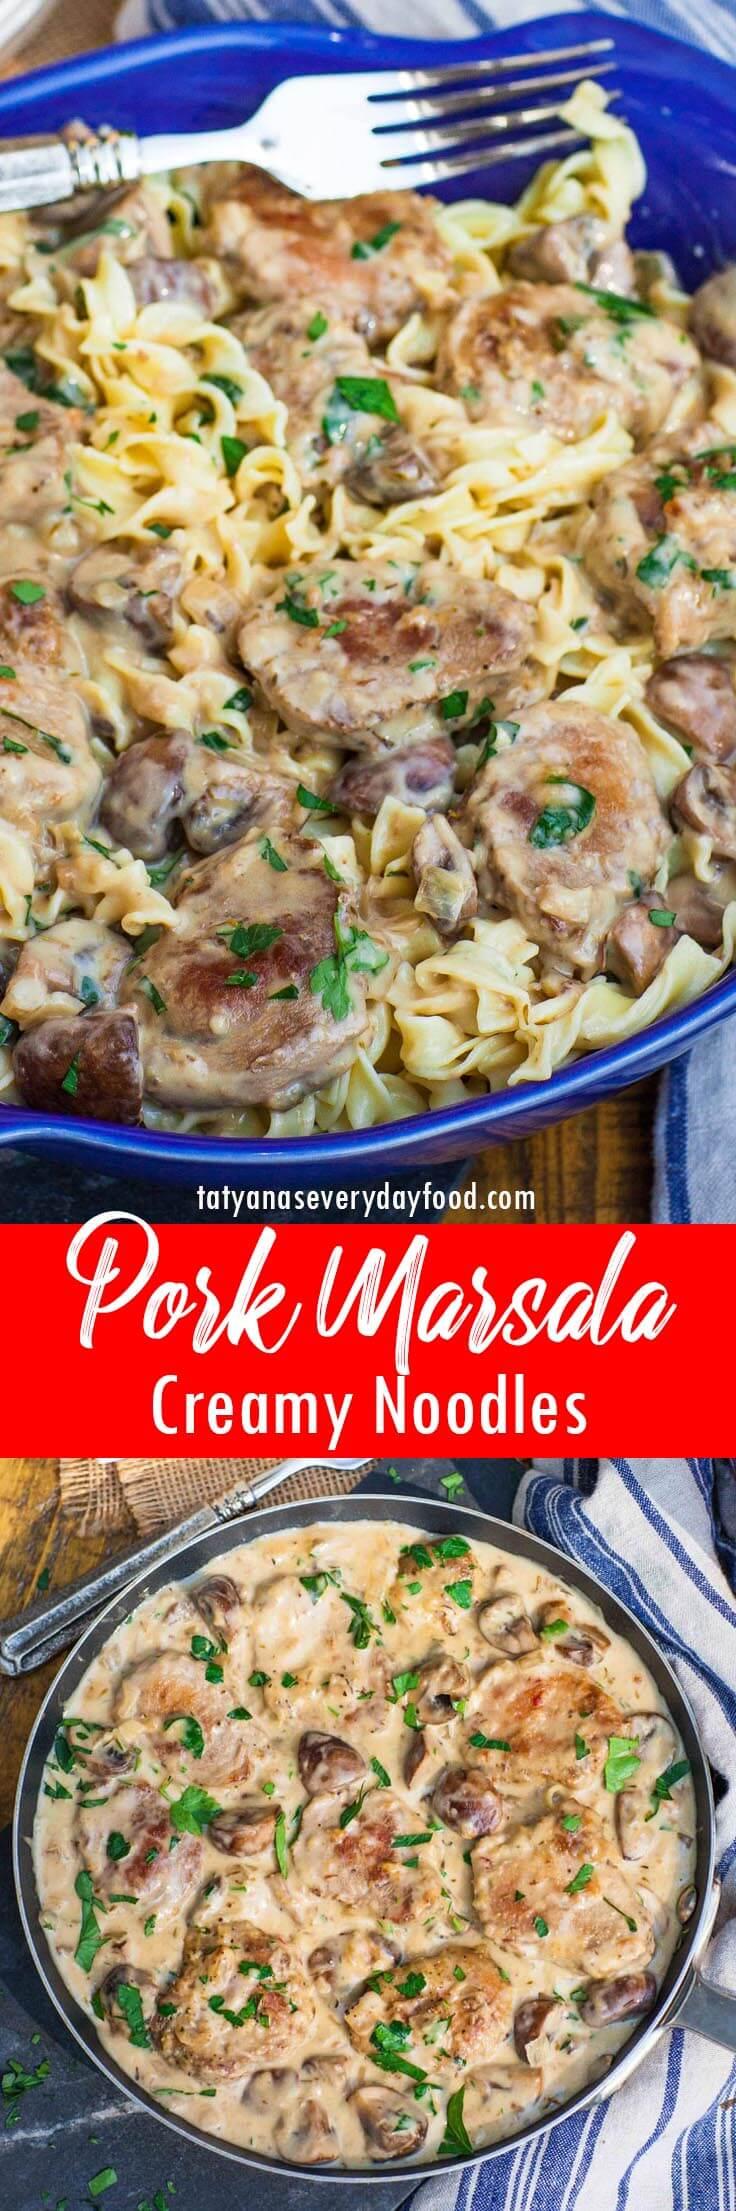 Creamy Pork Marsala Noodles video recipe